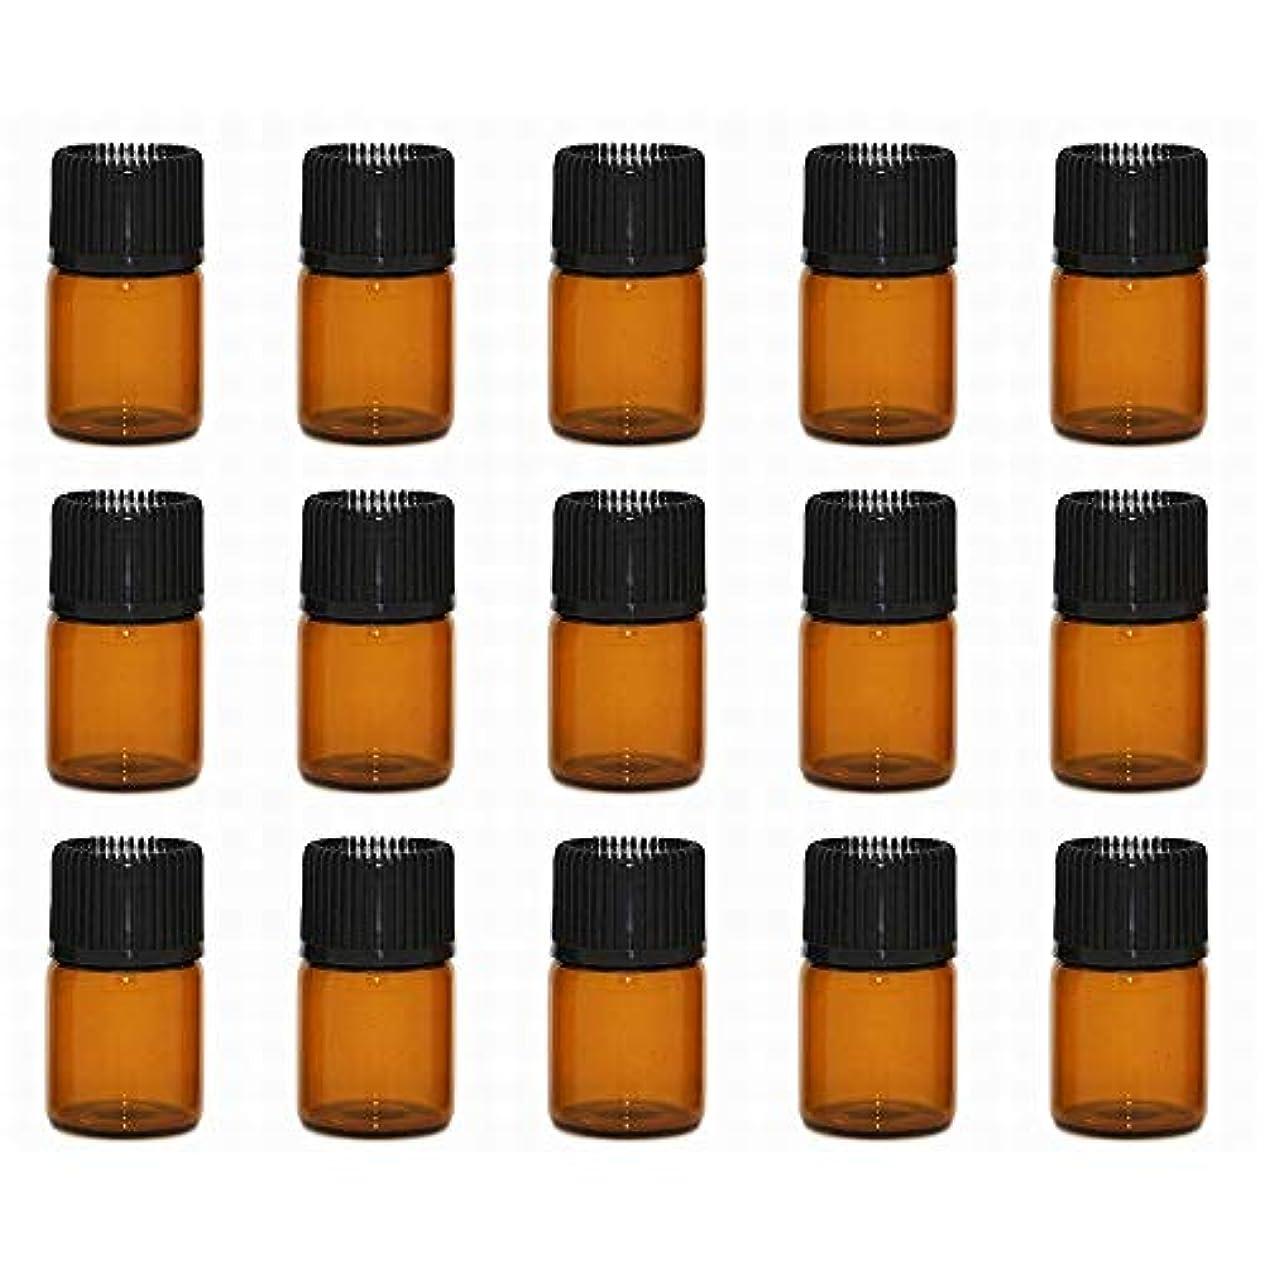 達成可能マーティンルーサーキングジュニアにはまってアロマオイル 精油 小分け用 遮光瓶 セット (1ml 20本 セット)